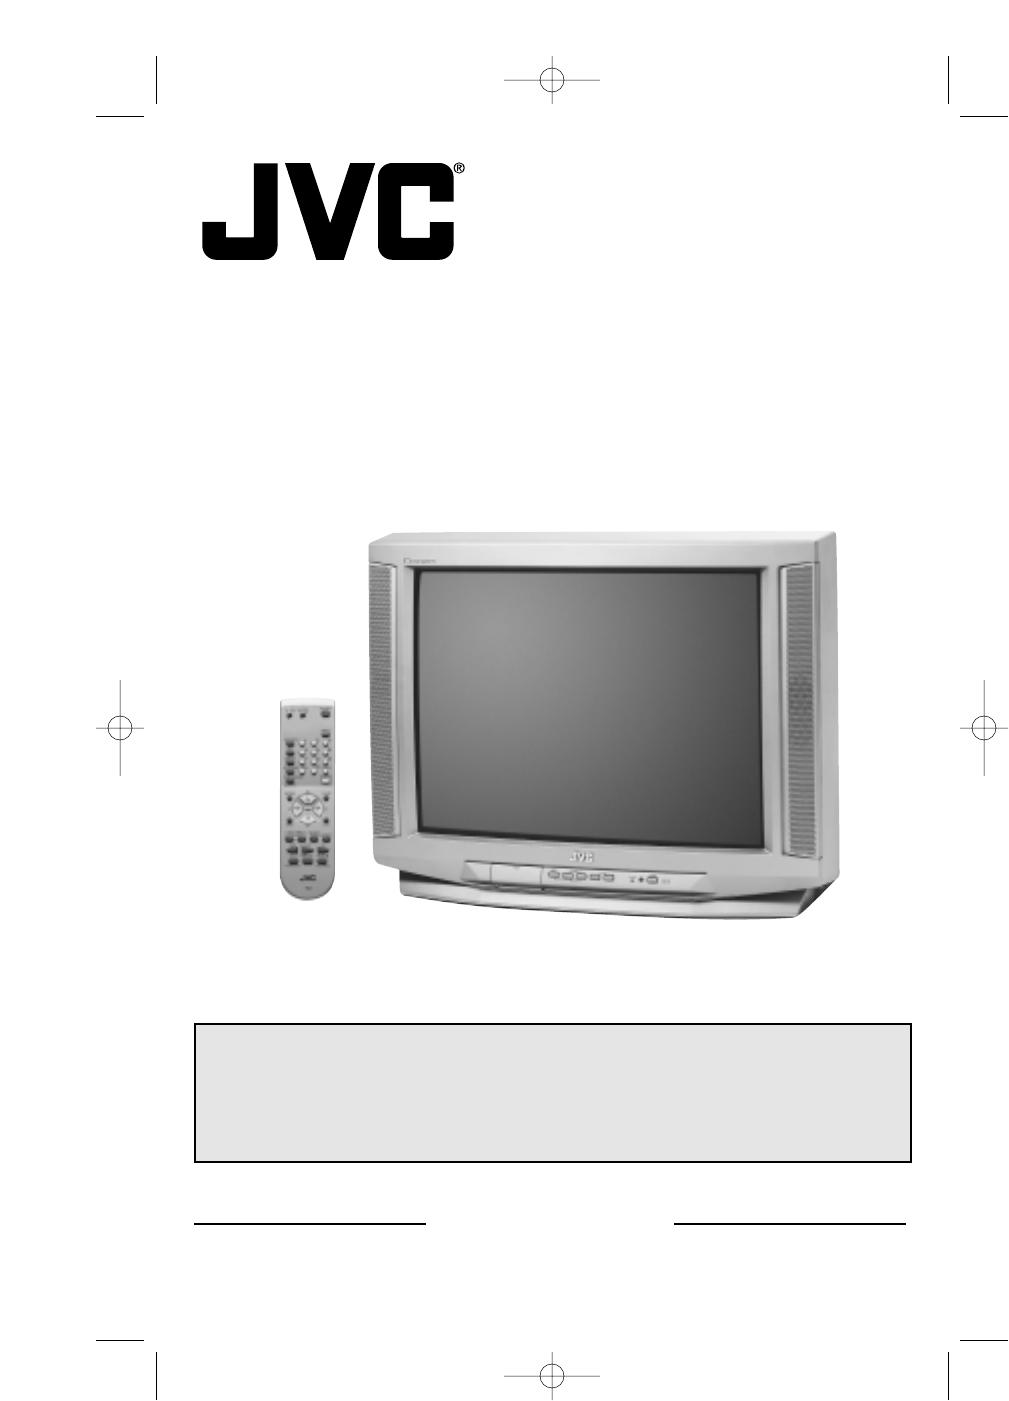 Jvc Crt Television Av 27230 User Guide